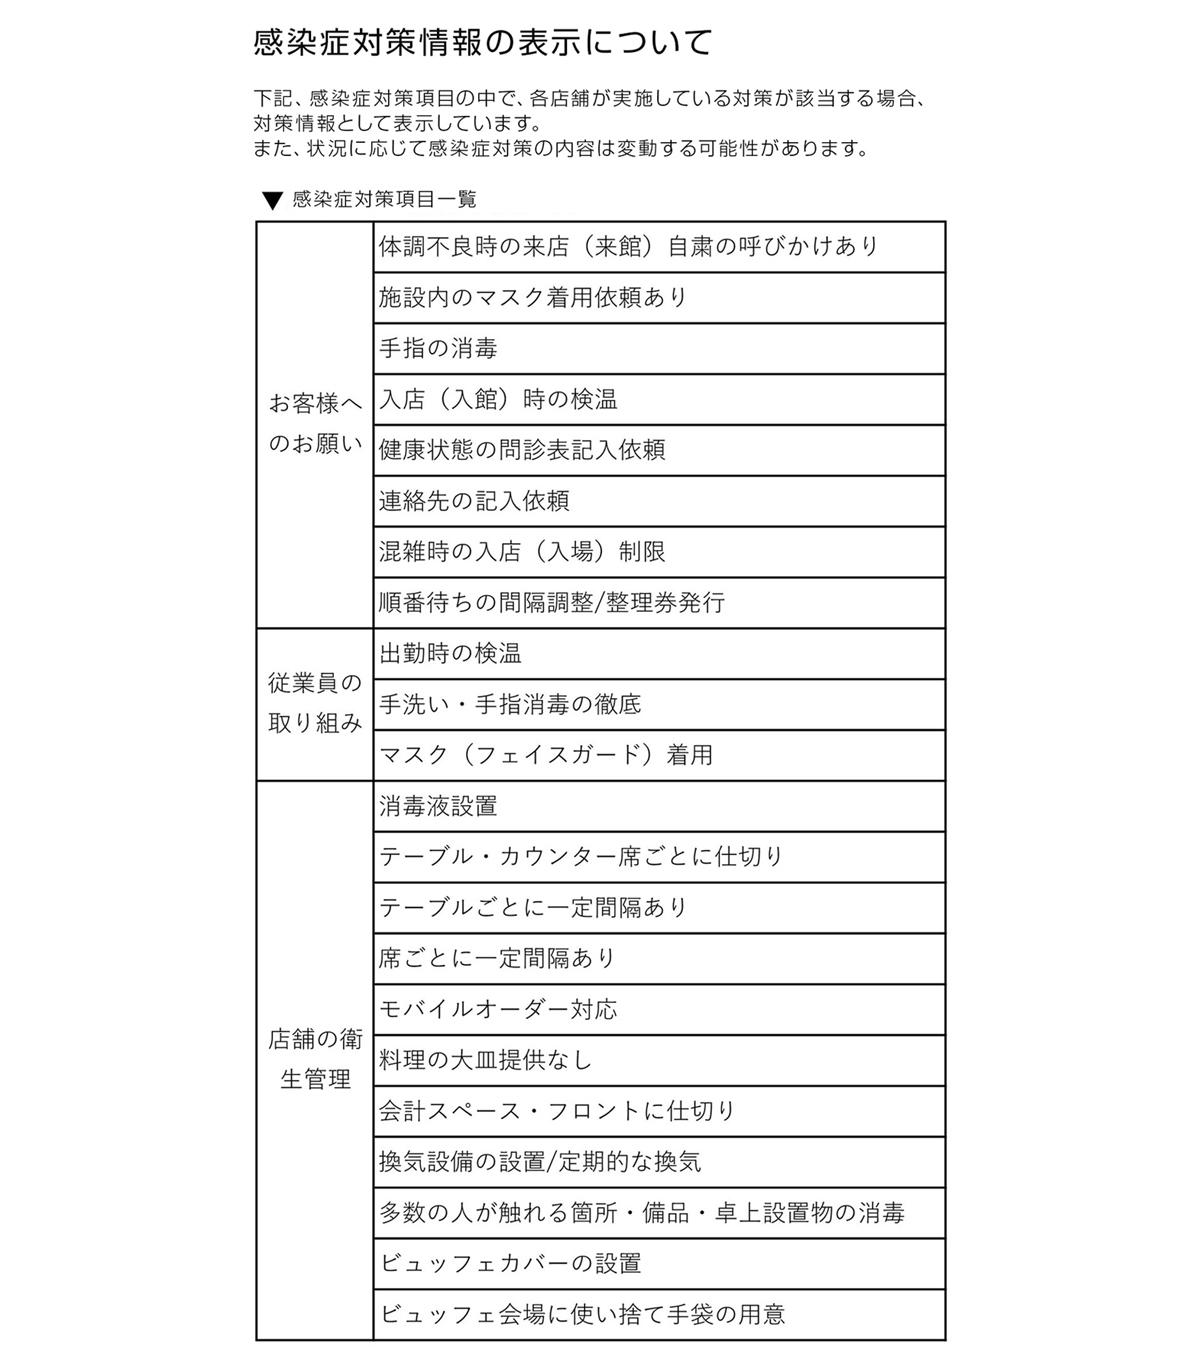 染対策の項目の詳細